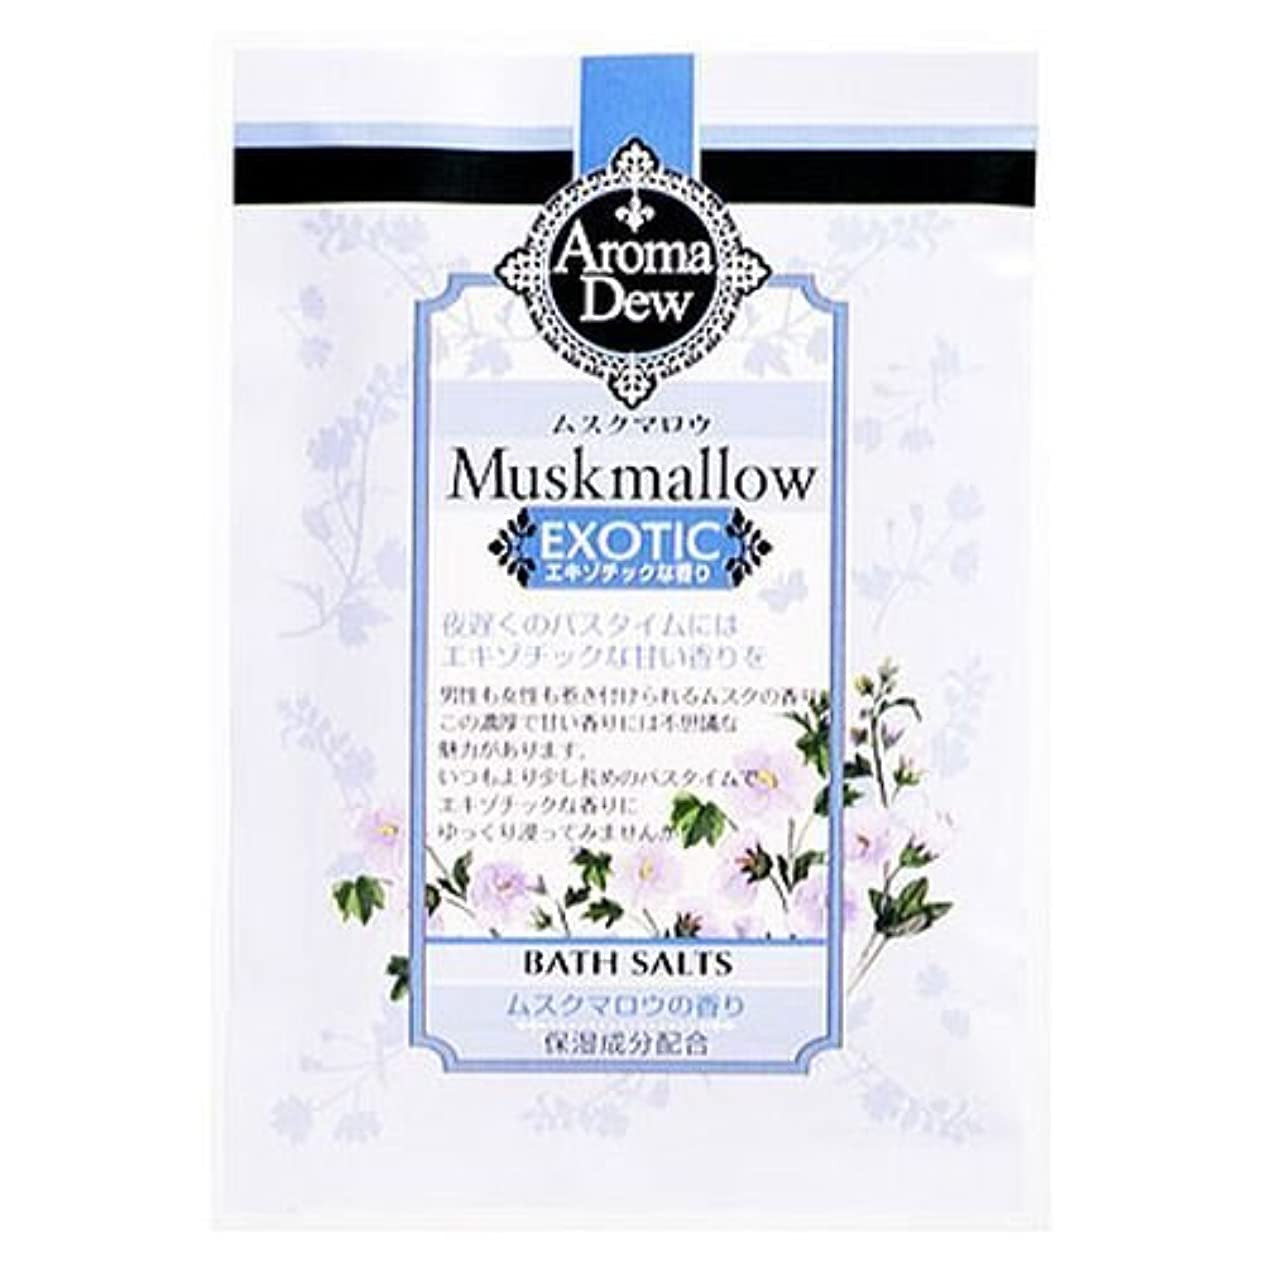 クロバーコーポレーション アロマデュウ バスソルト ムスクマロウの香り ムスクマロウ